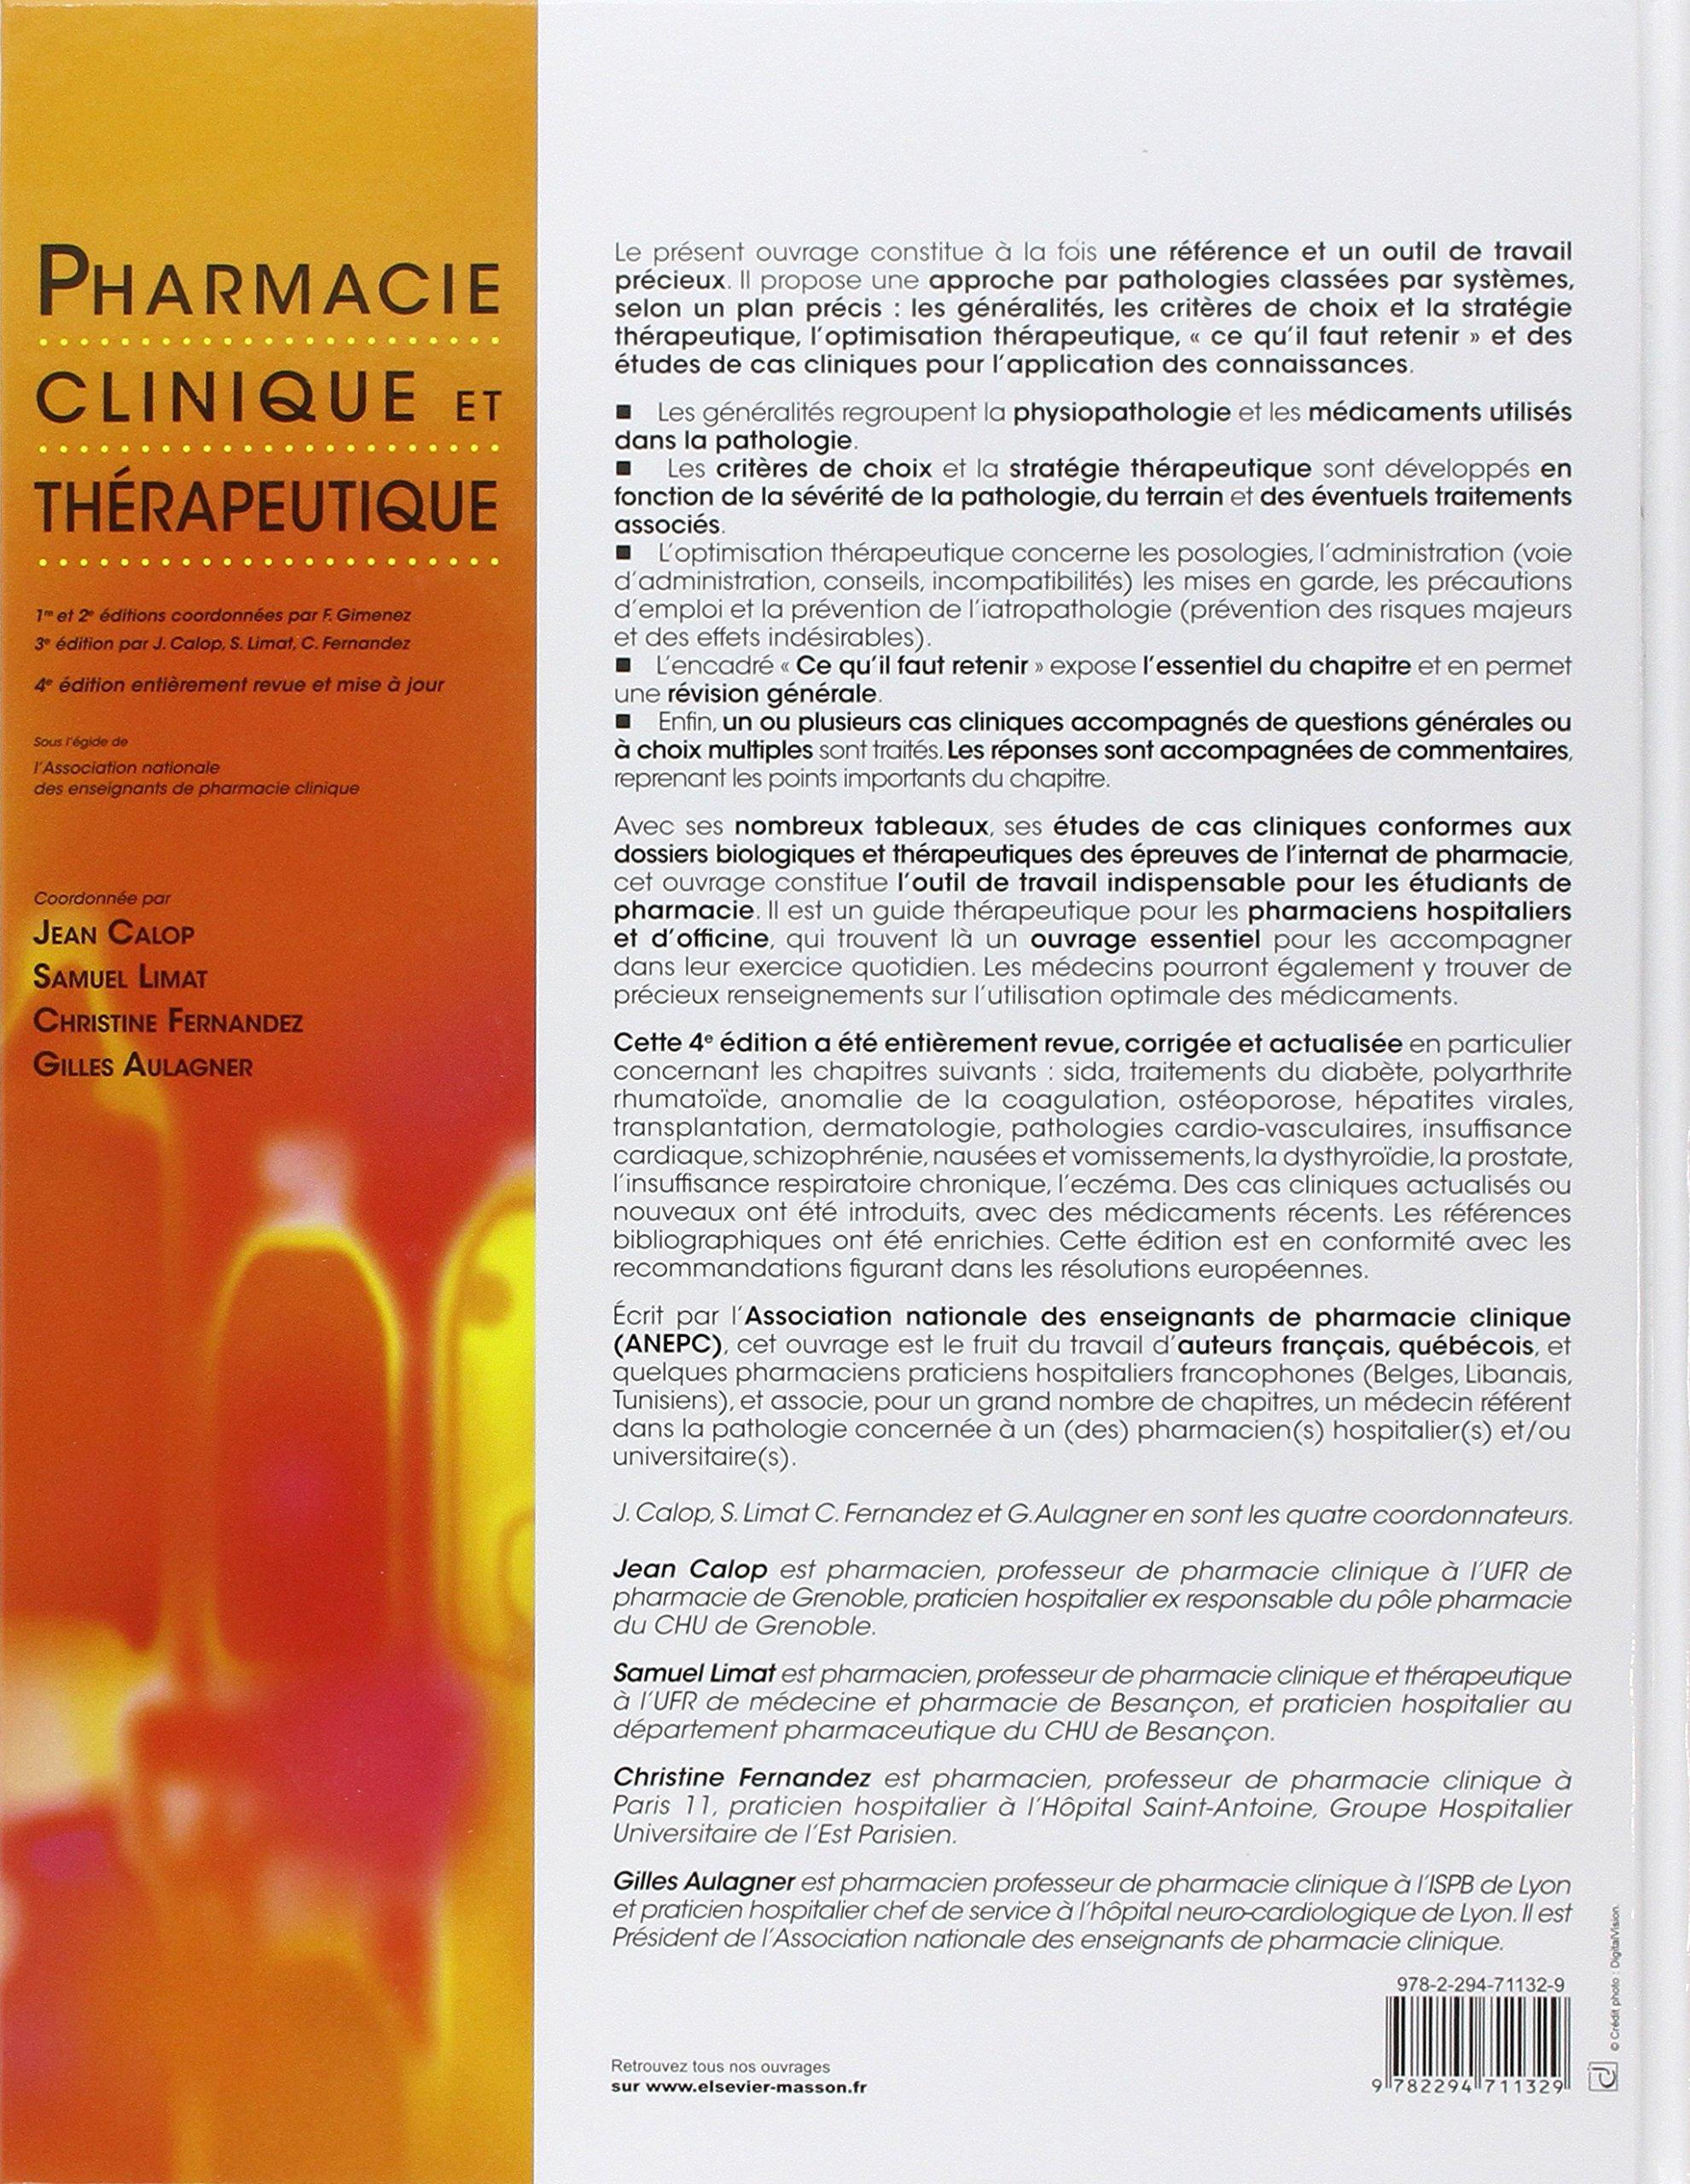 Pharmacie clinique et thérapeutique (French Edition)